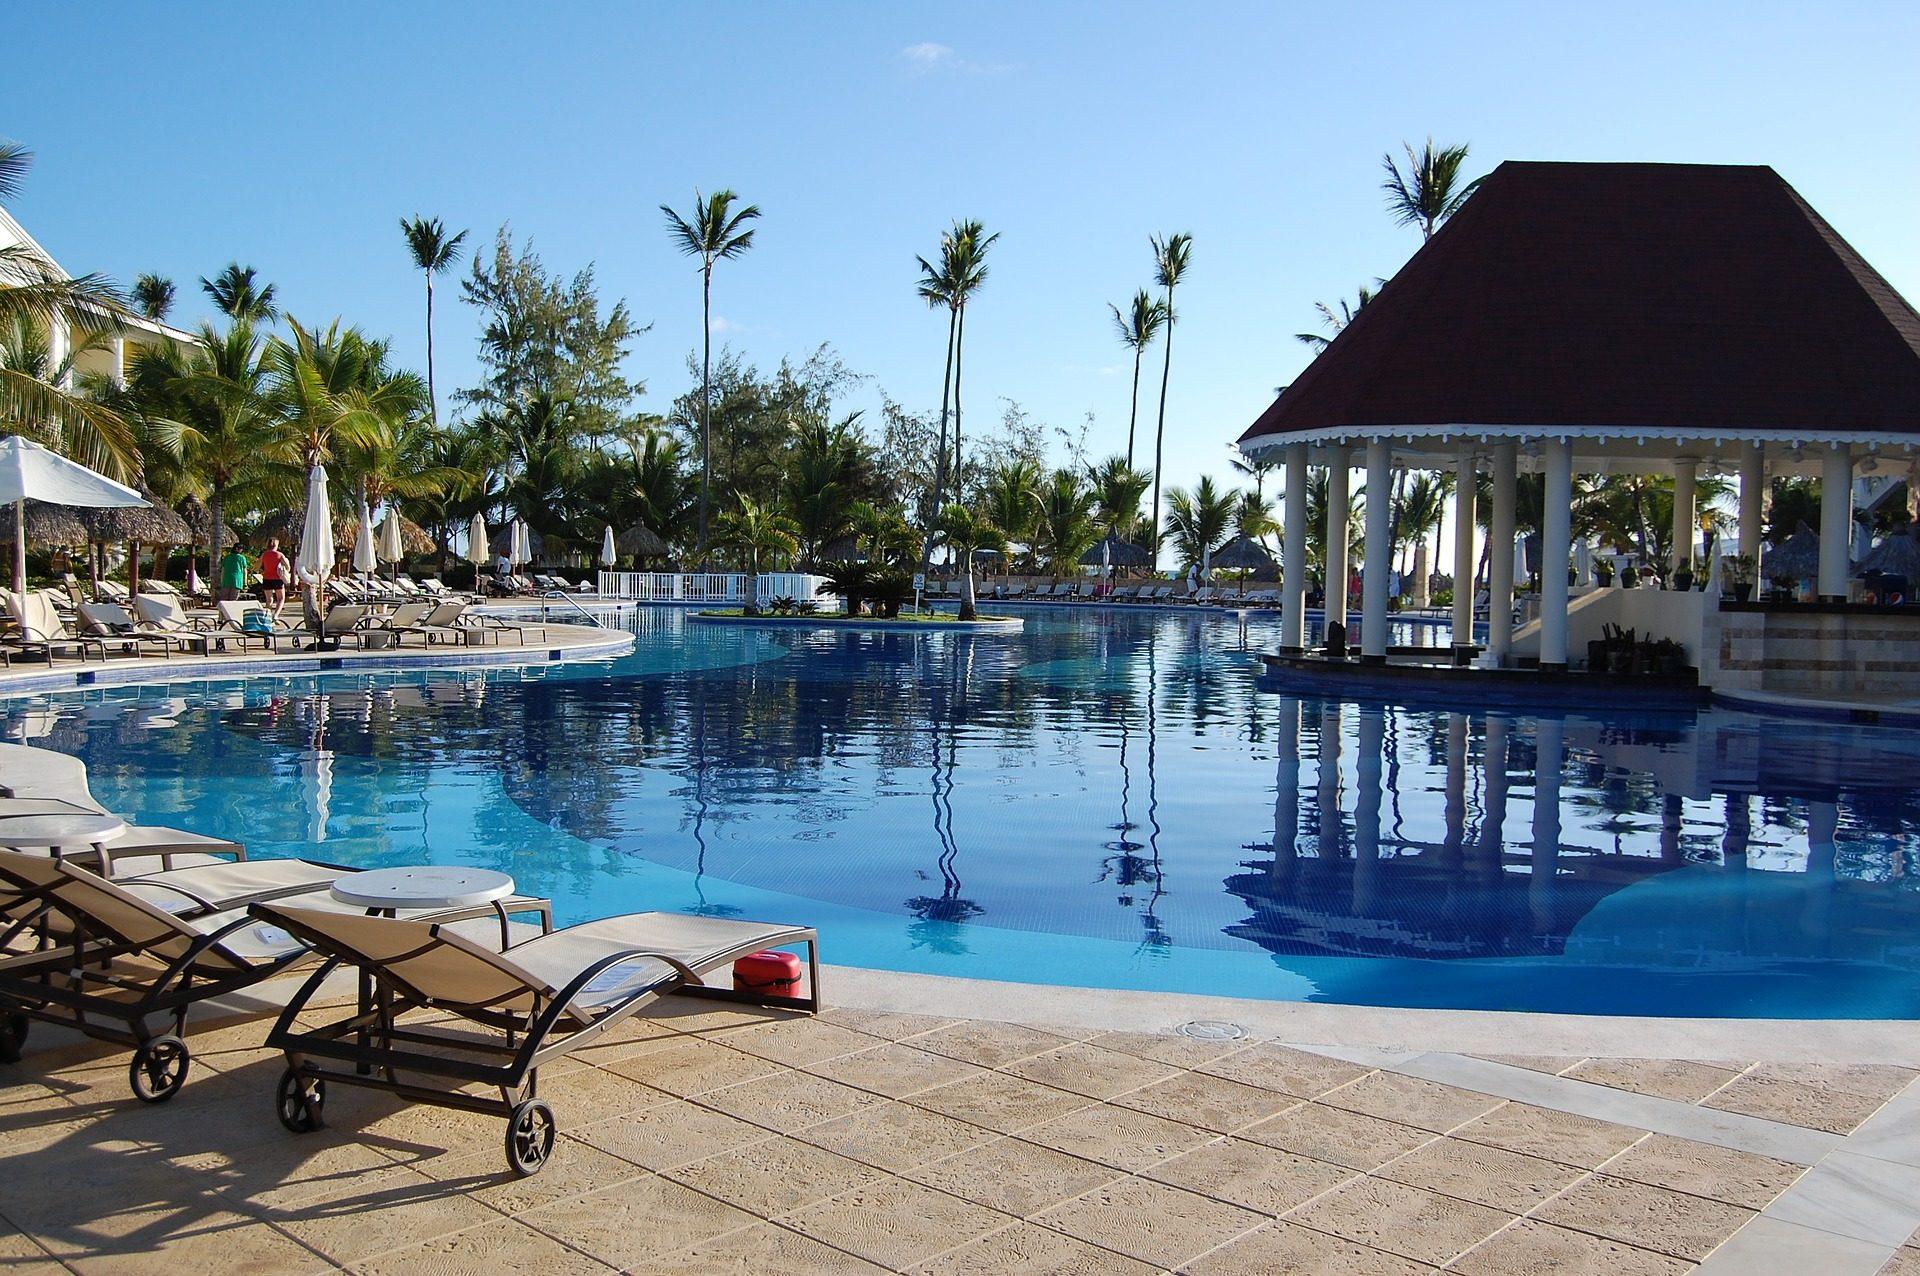 Отель, Курорт, путешествия, бассейн, Гамаки, Отдых, расслабиться, Доминиканская Республика - Обои HD - Профессор falken.com